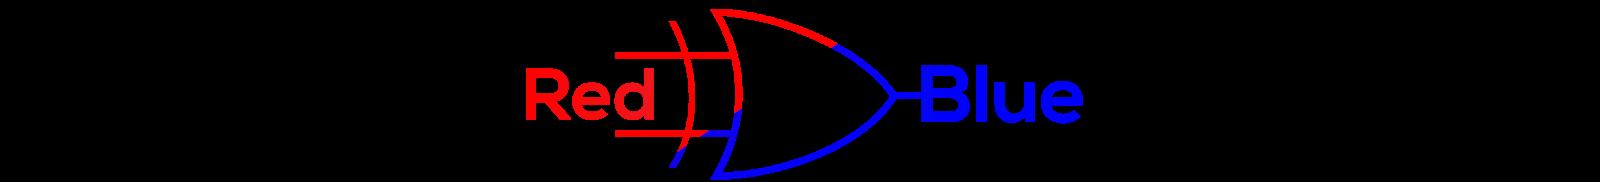 Red XOR Blue